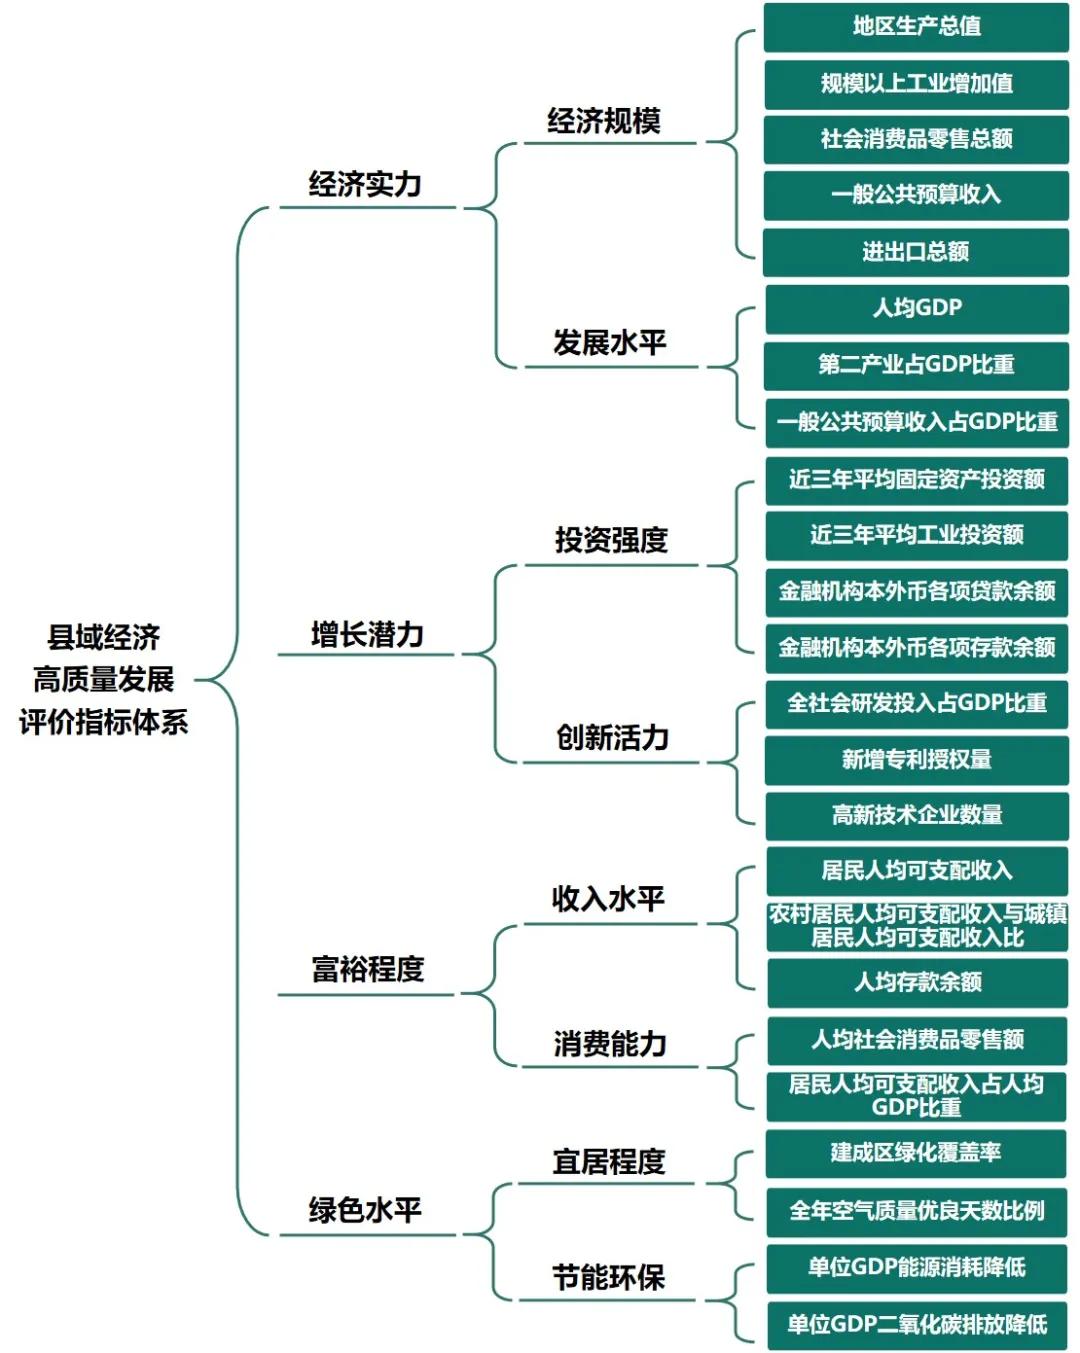 2021年百强县榜单,重磅发布